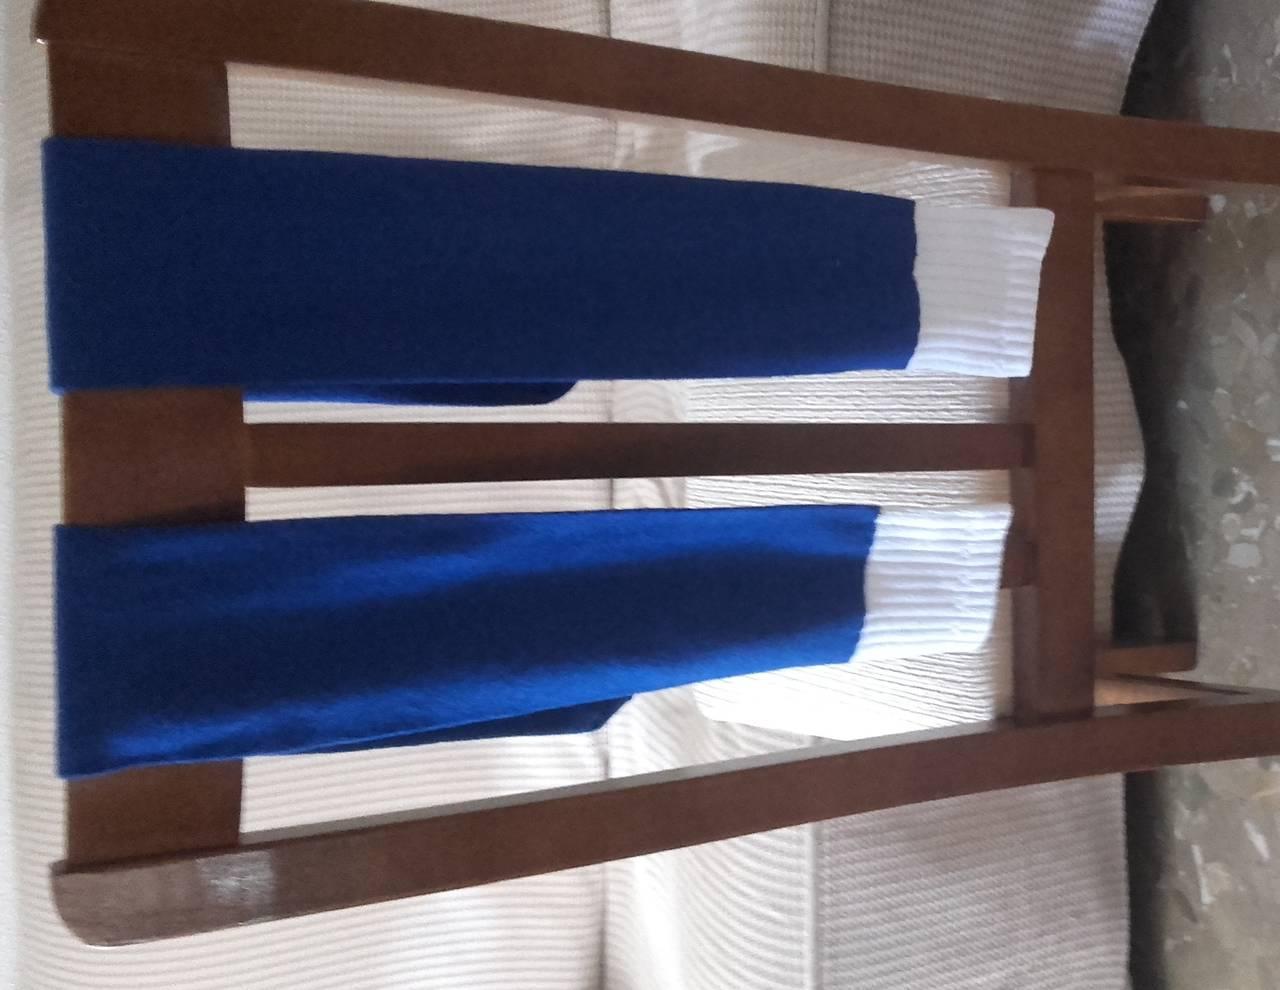 camiseta--pantalon y medias liga BBVA  - Foto 4